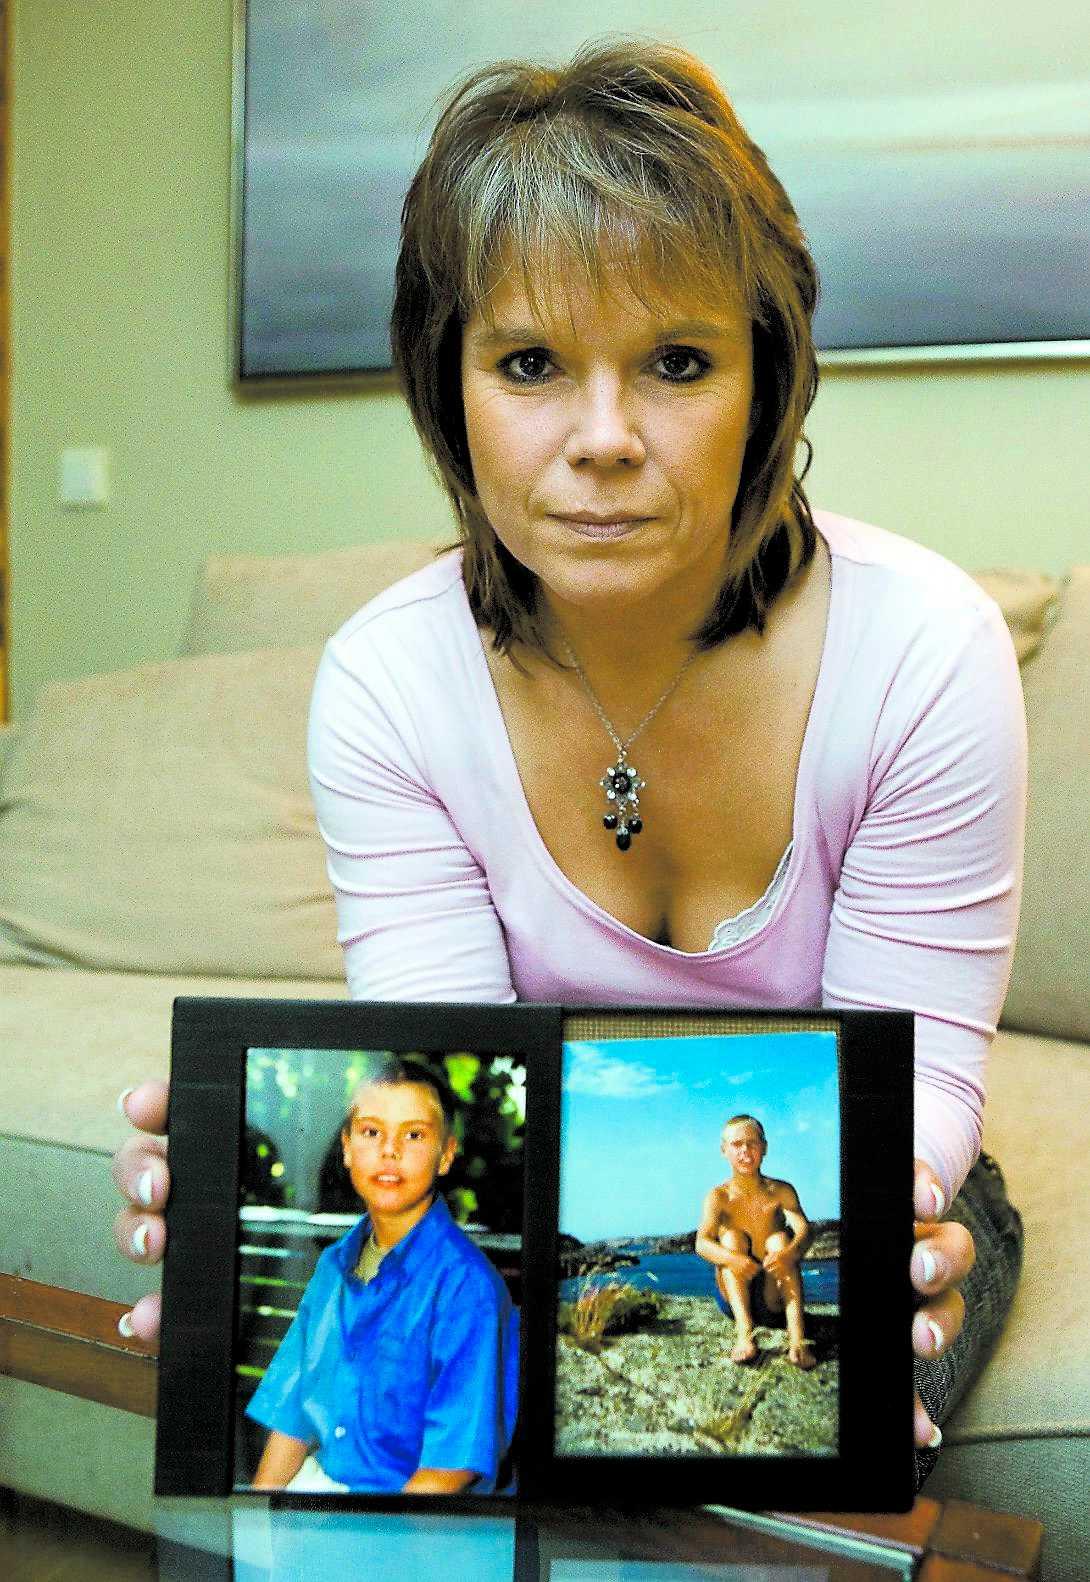 """BERÄTTAR OM SKRÄCKLÄKAREN """"Han är oerhört arrogant, förnedrande och hånfull"""", berättar Viveka Richthoff. Hennes son Marcus, 12, dog efter att ha legat fyra månader på kliniken och vårdats av läkaren."""